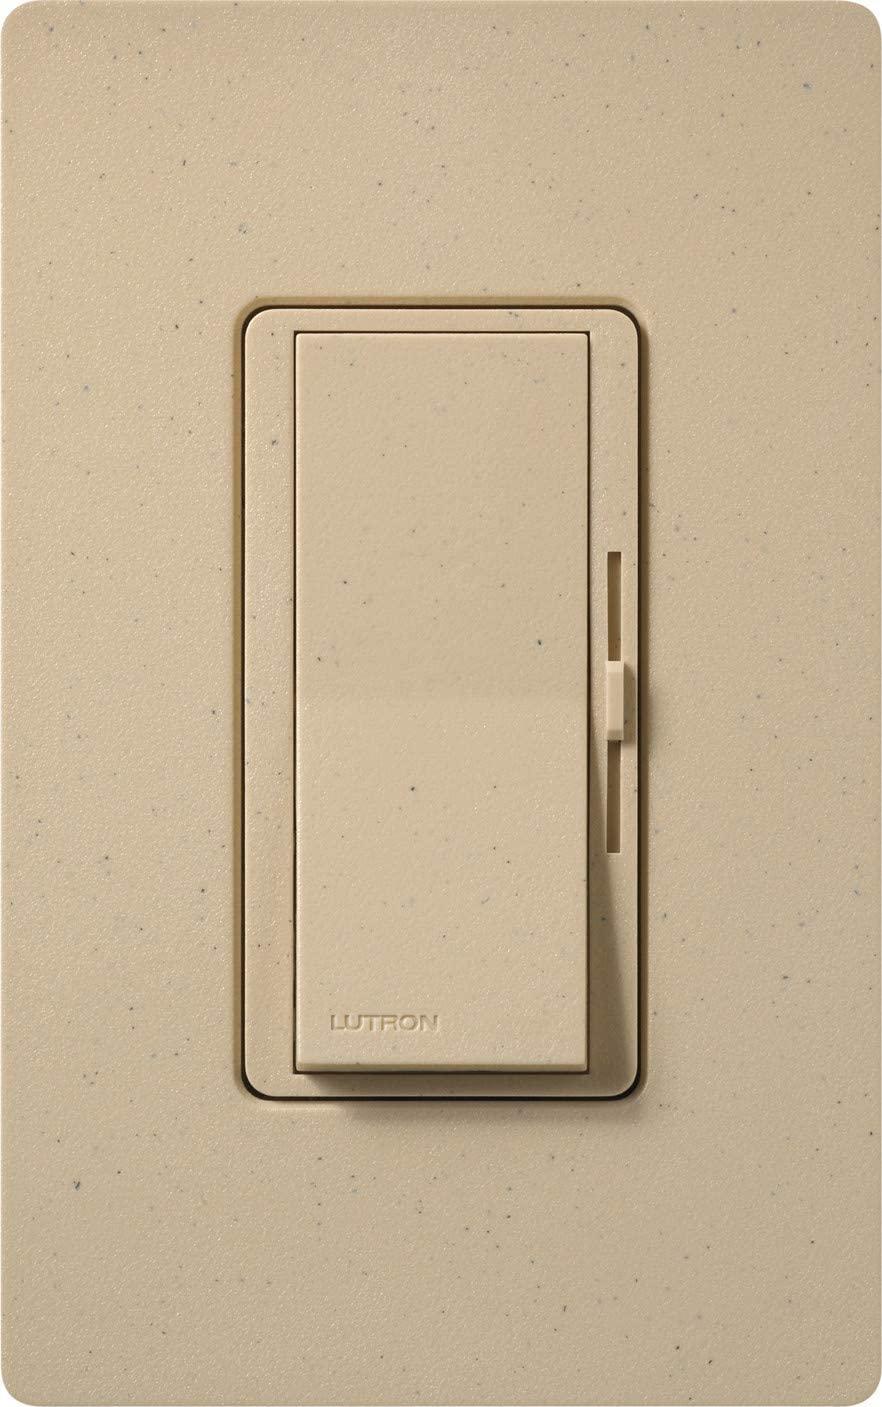 LUT DVSC-600P-DS 600W INC DIMMER